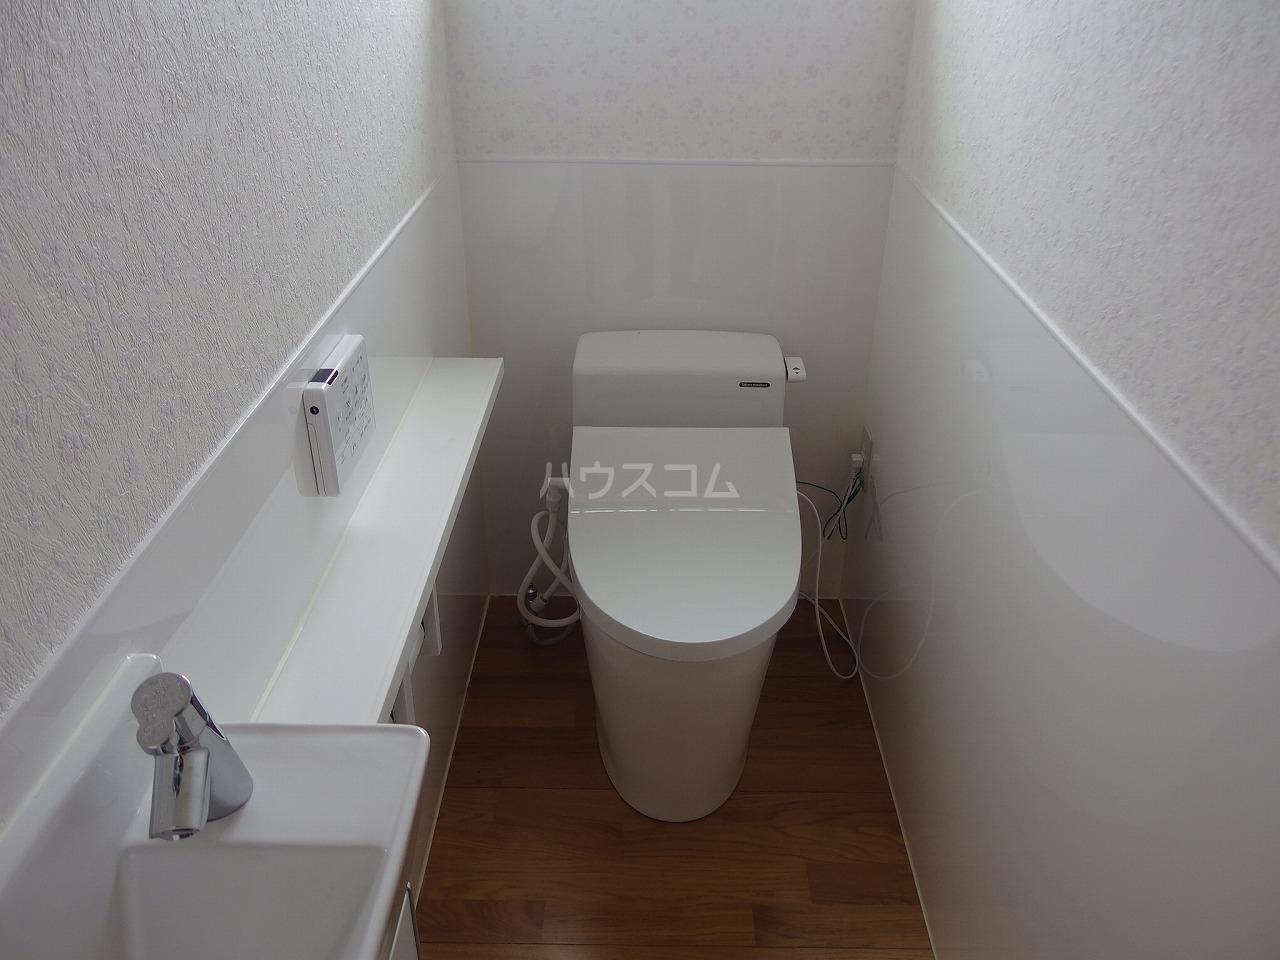 大成貸家のトイレ